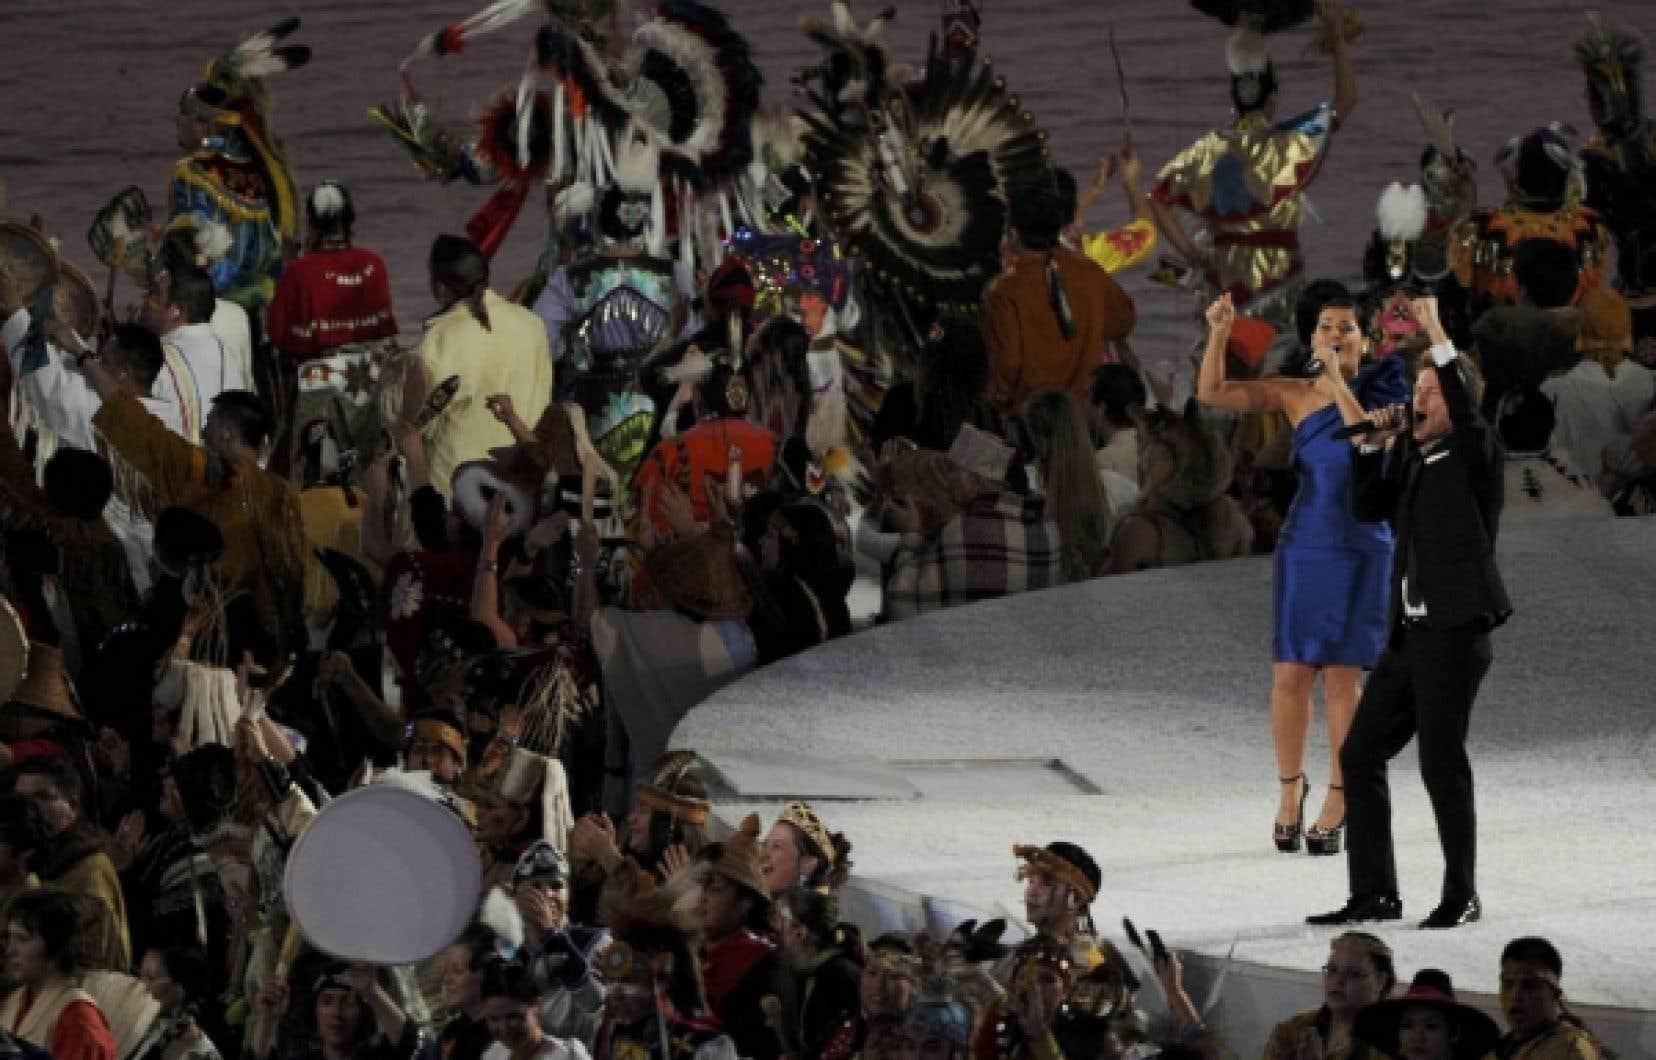 Les chanteurs Nelly Furtado et Bryan Adams sur scène lors de la cérémonie d'ouverture des Jeux d'hiver de Vancouver il y a un an. Le français avait été presque totalement absent de la cérémonie, situation pour laquelle l'ancien président du comité organisateur, John Furlong, n'accepte aucun blâme.